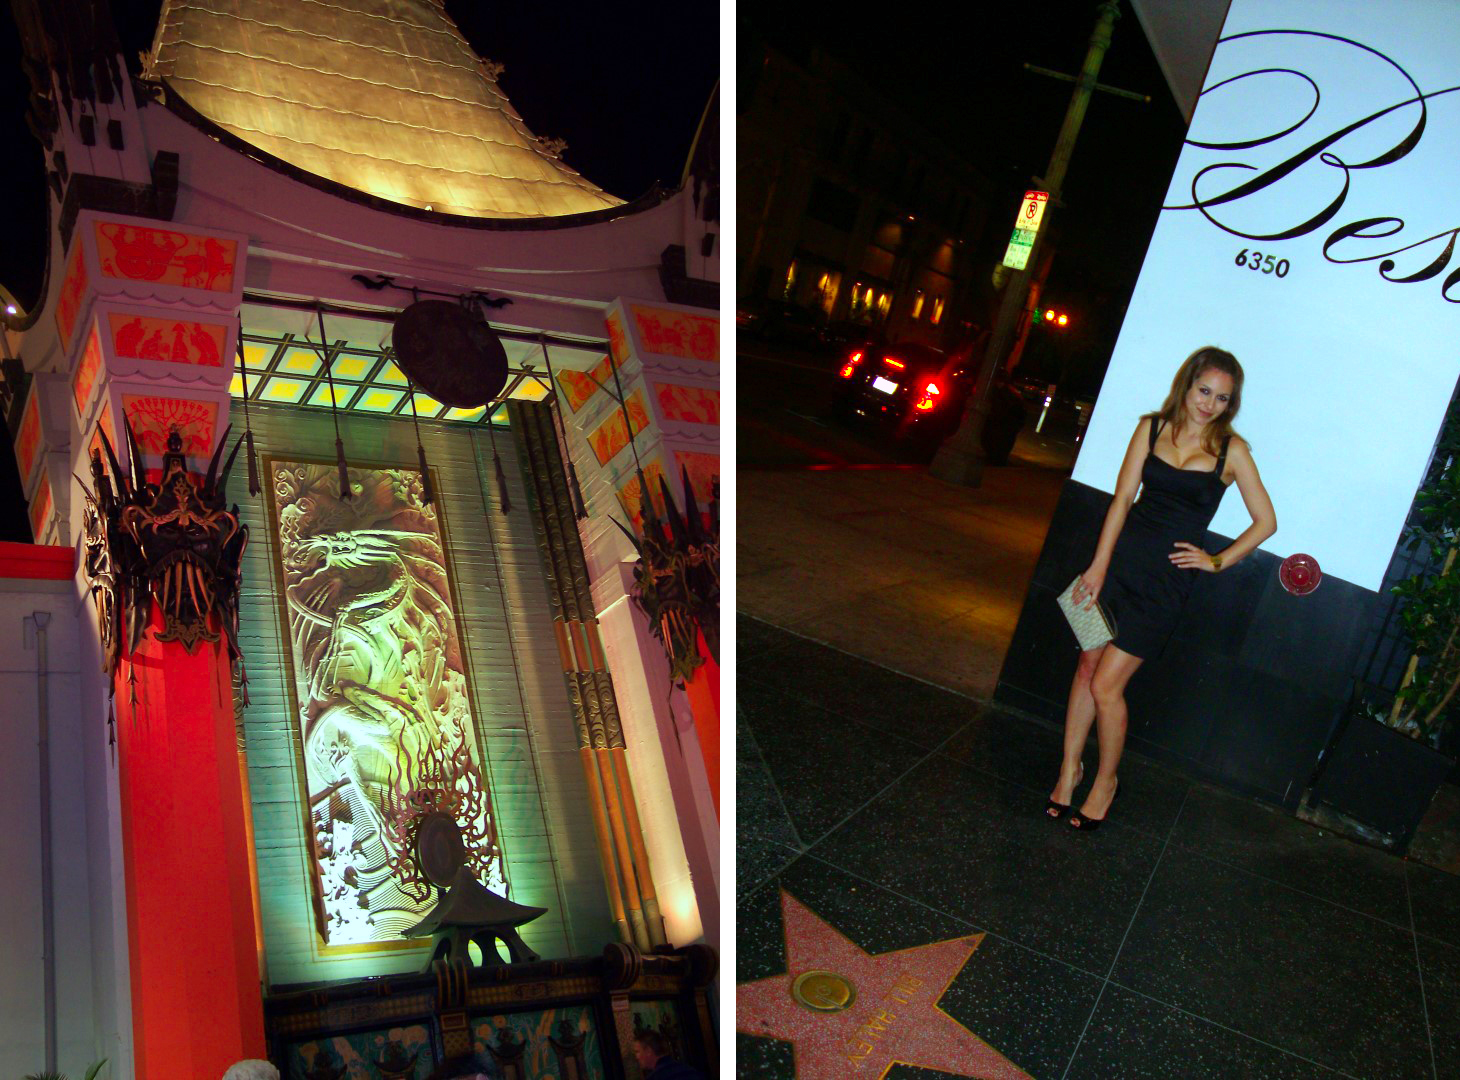 Qué hacer y ver en Los Ángeles los angeles - 31975894733 b7c2402b26 o - Qué hacer y ver en Los Angeles